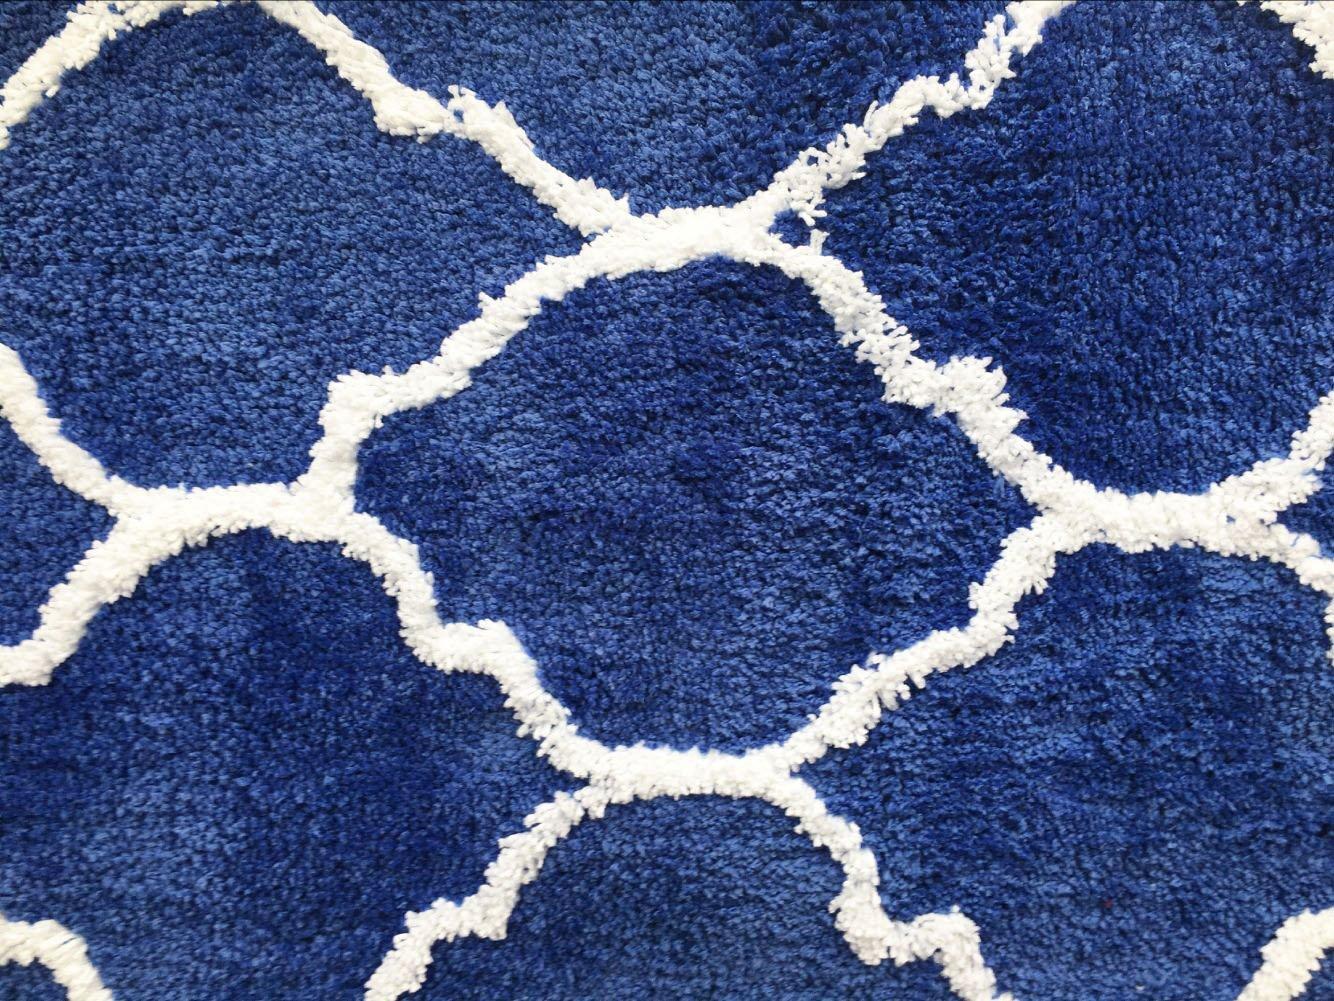 Homcomoda Tappetino da Bagno Microfibra Tappetini per il Bagno Antiscivolo Tappeto da Bagno 45cm x 120cm, Beige 2 pezzi, Grigio /…